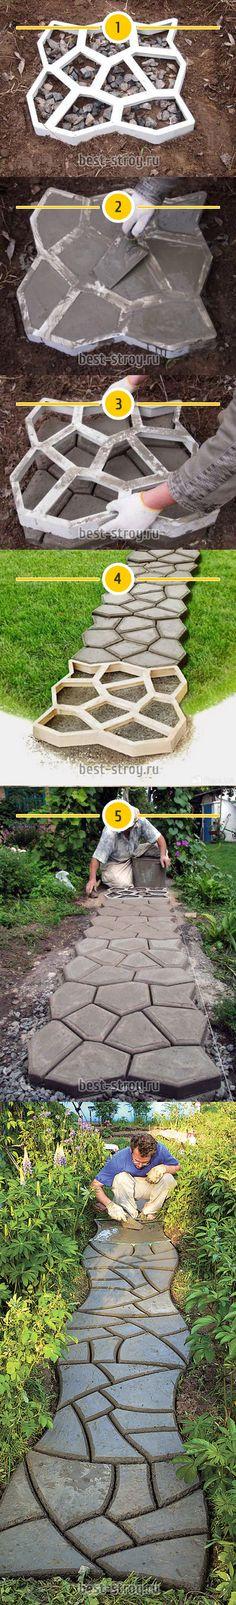 Делаем бетонную дорожку на даче с помощью пластикового шаблона (формы)